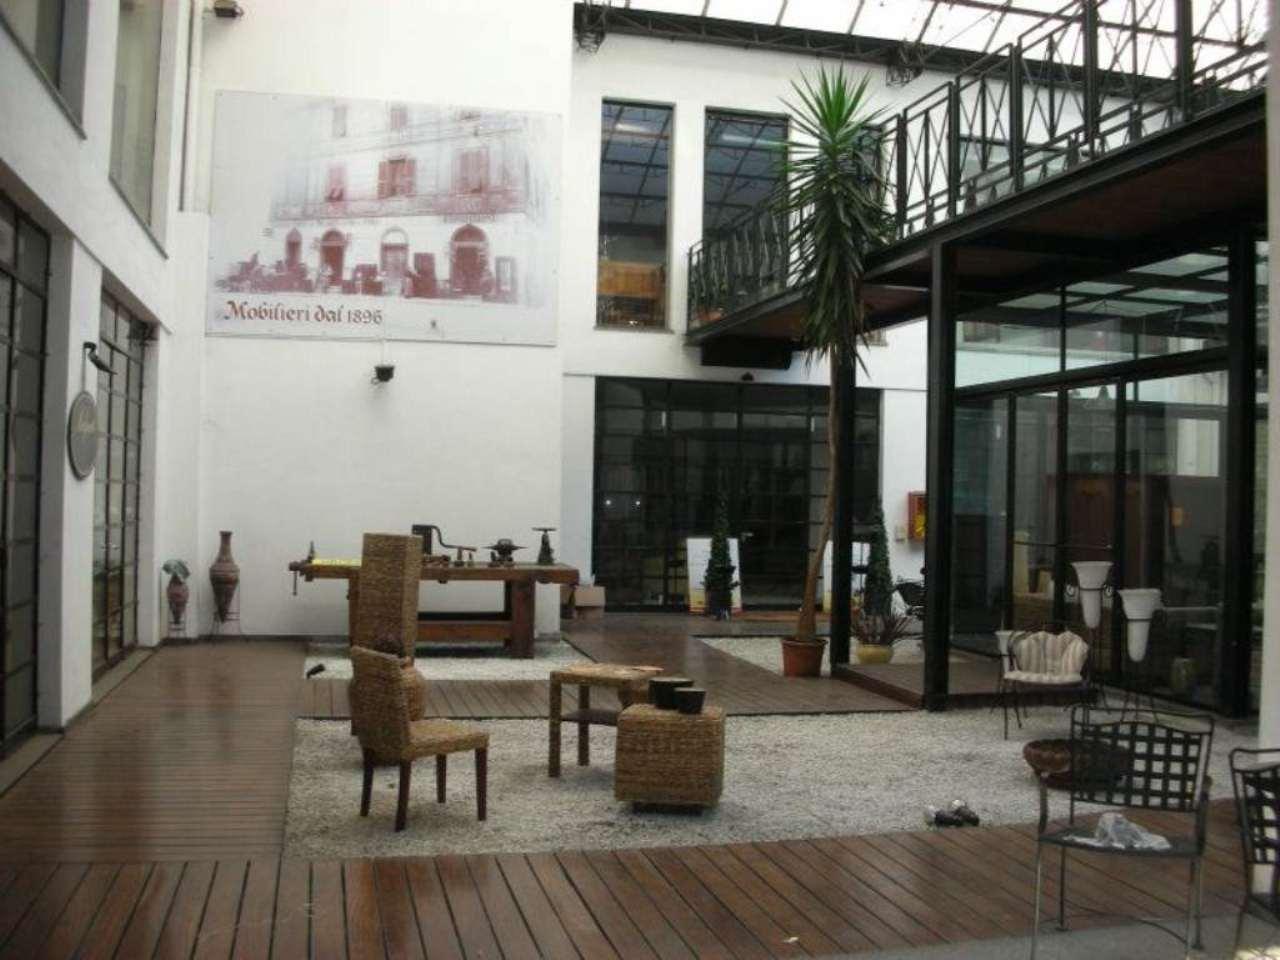 Immobile Commerciale in vendita a Lissone, 24 locali, Trattative riservate | Cambio Casa.it